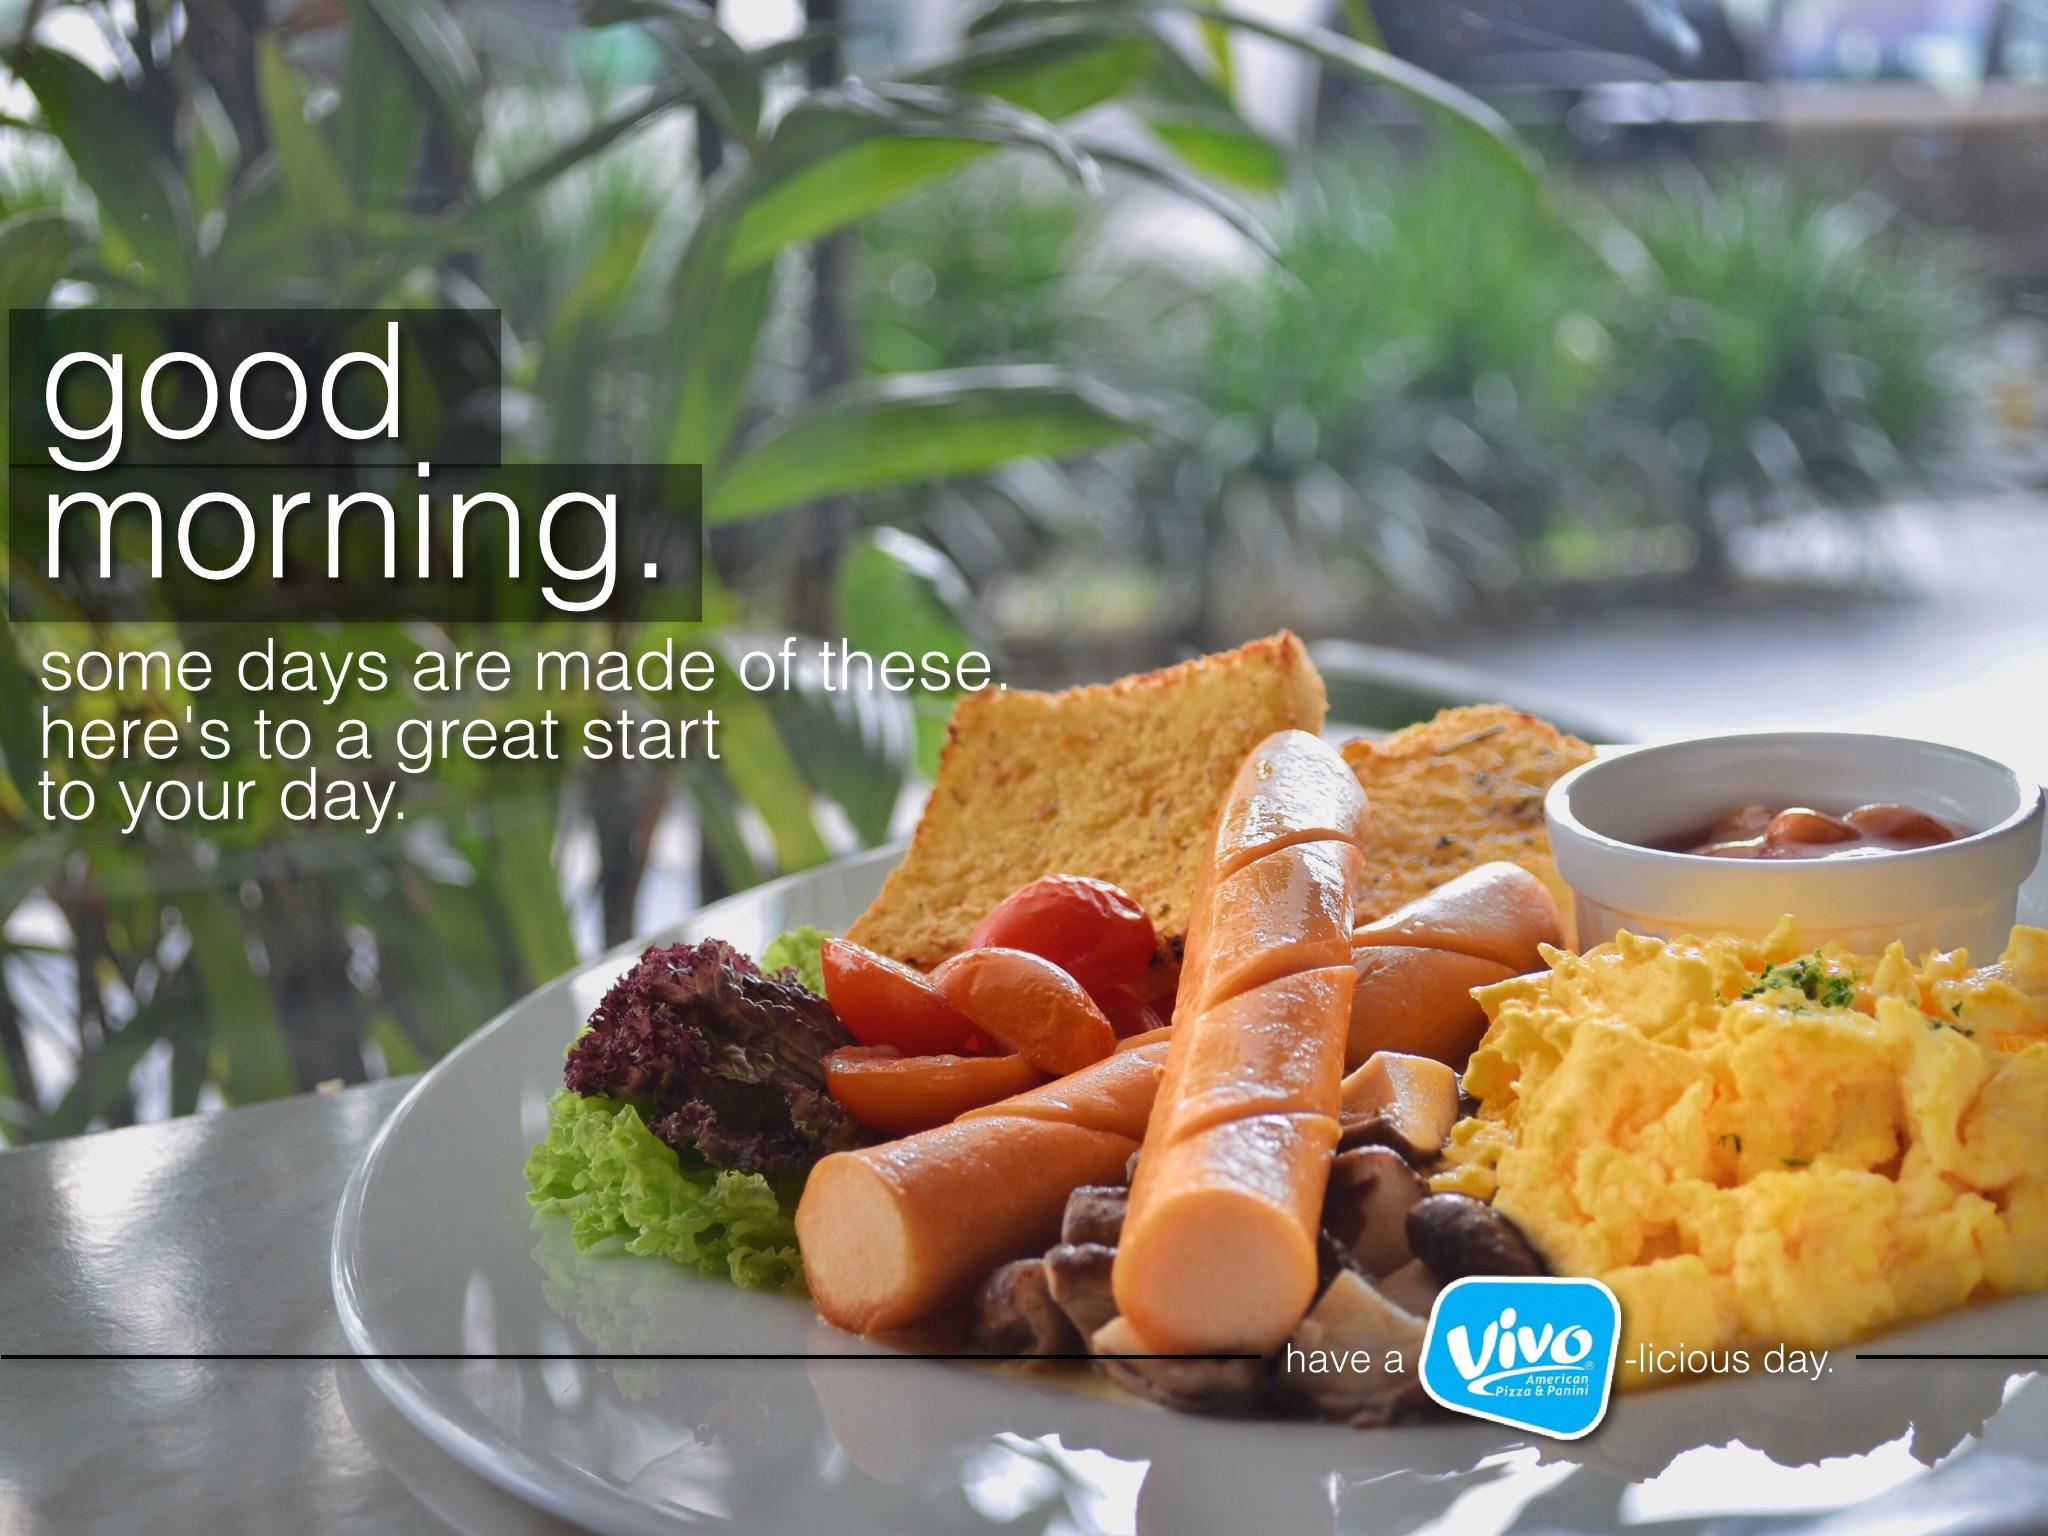 Vivo Big Breakfast